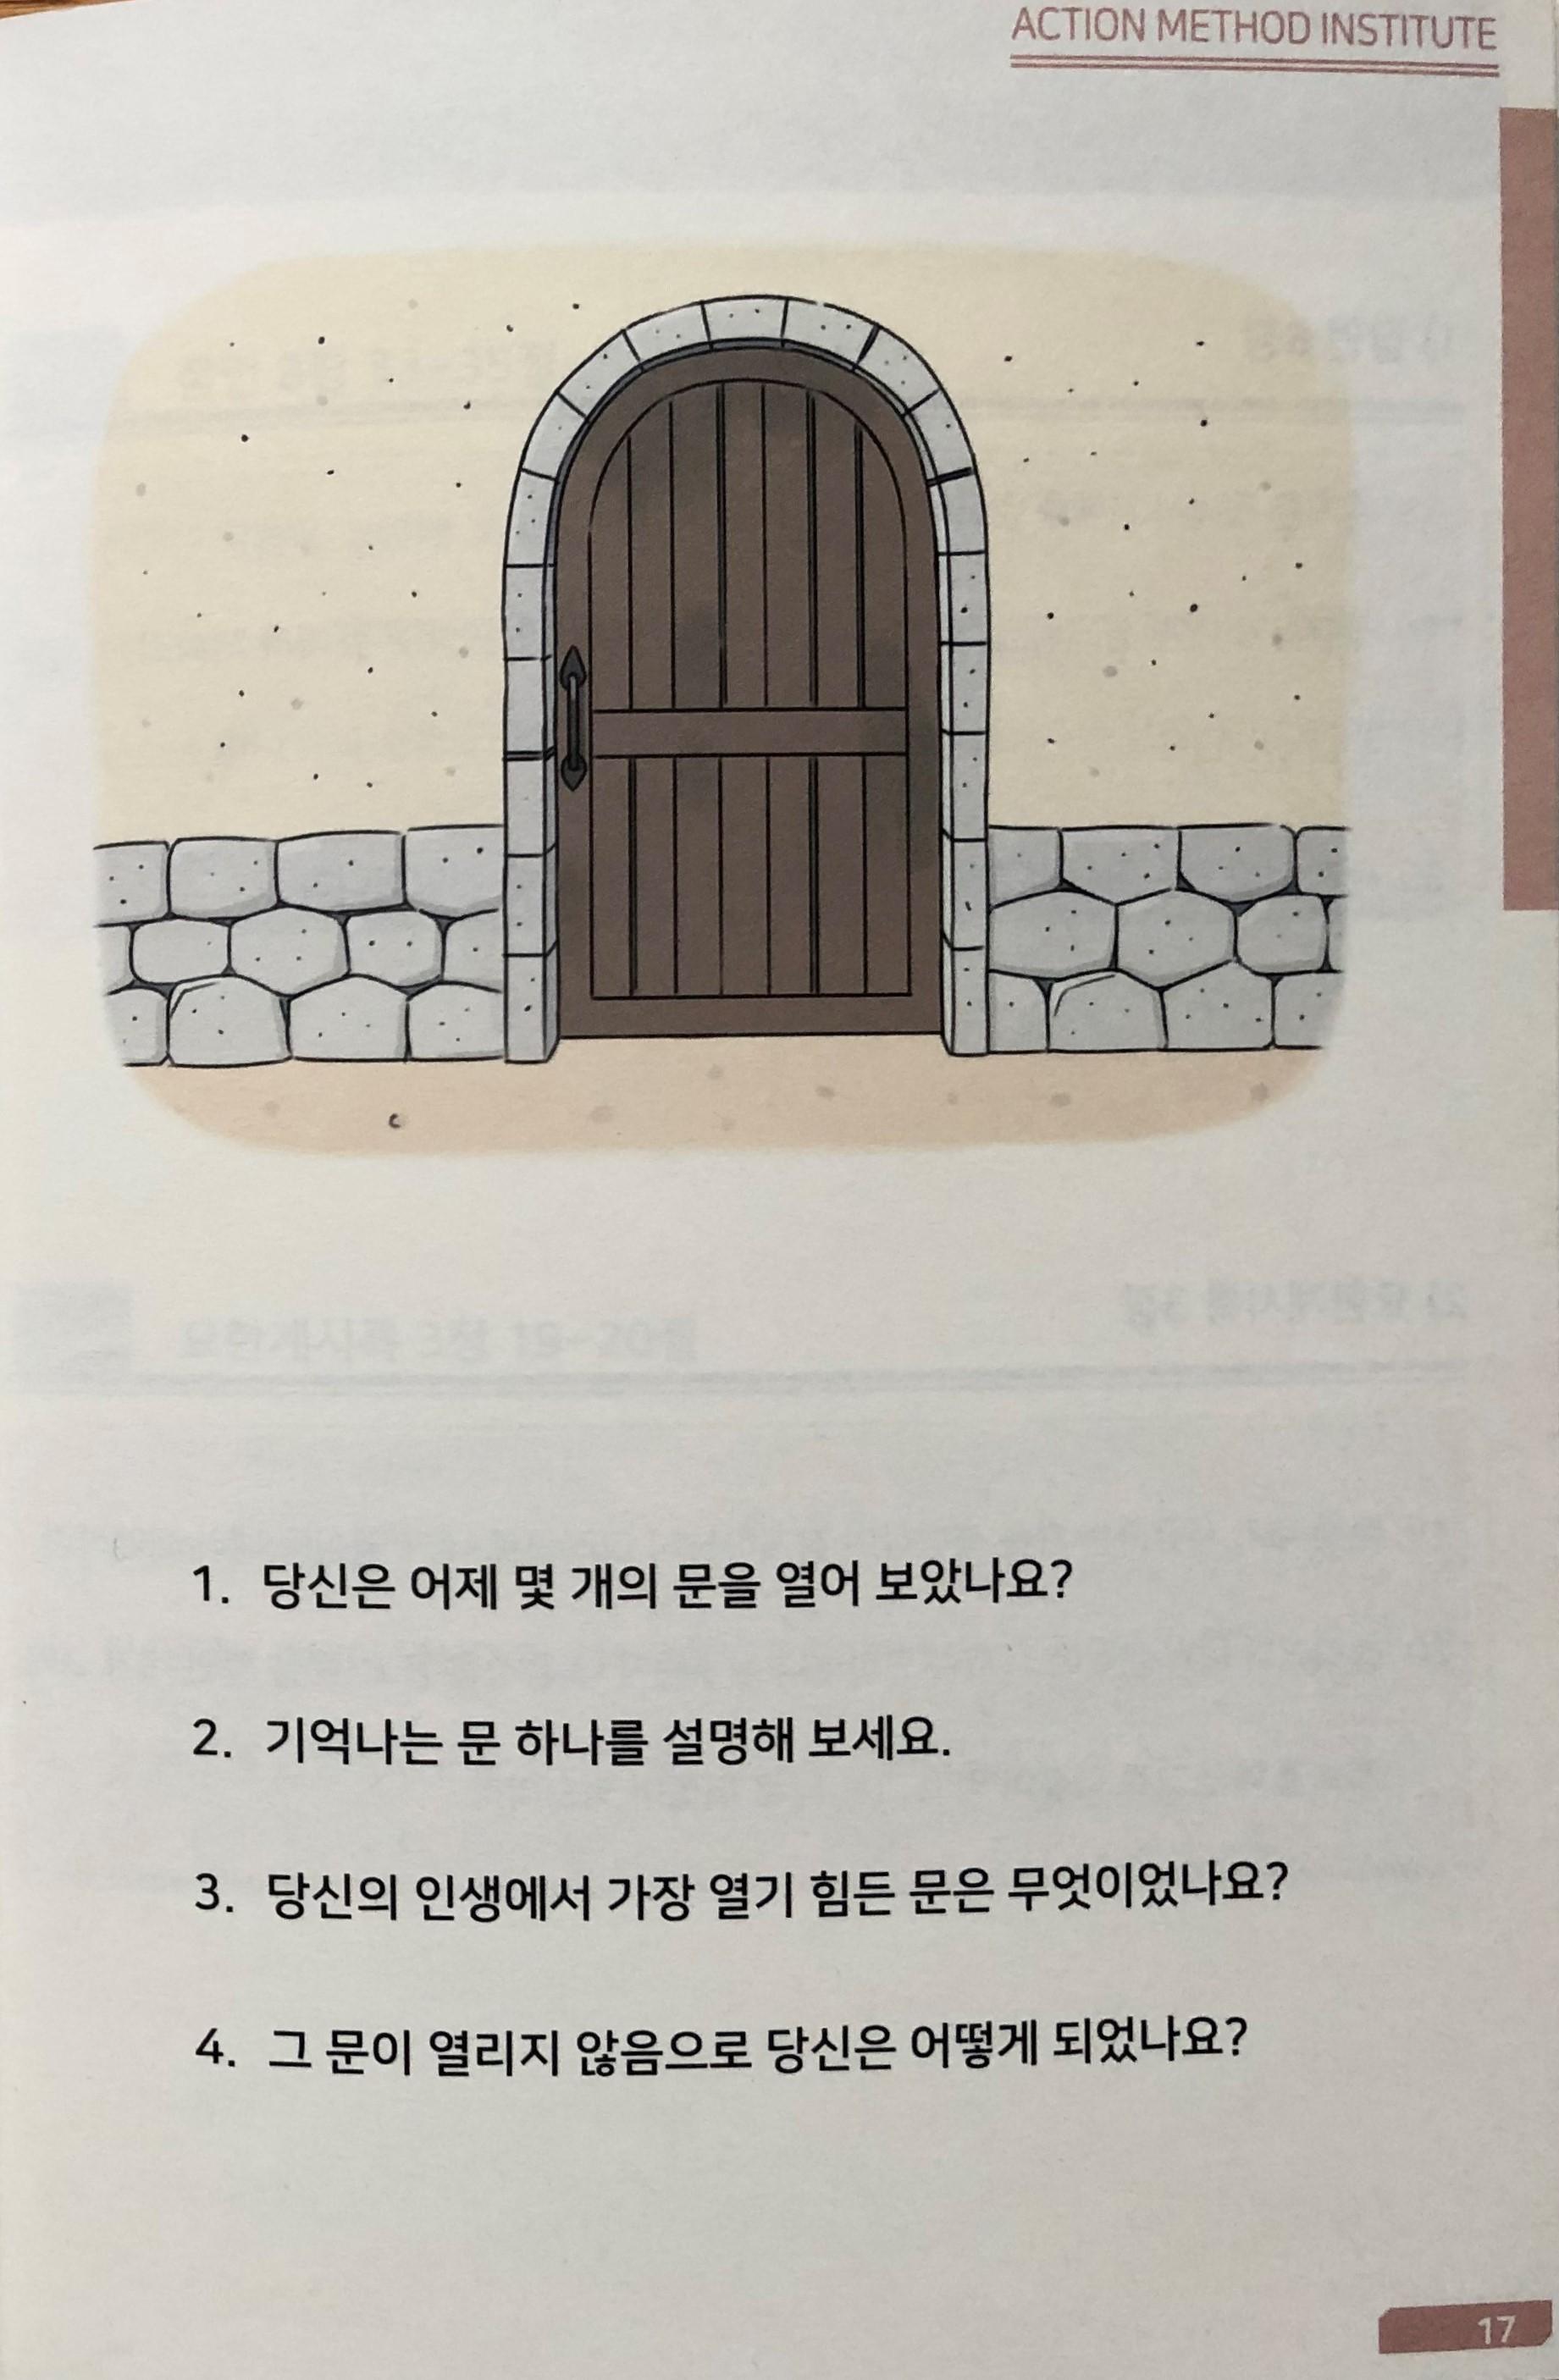 <이미지성경공부> 교재의 1과 주제 '문(door)'의 이미지와 질문들. 사진, 김응선 목사, 연합감리교뉴스.